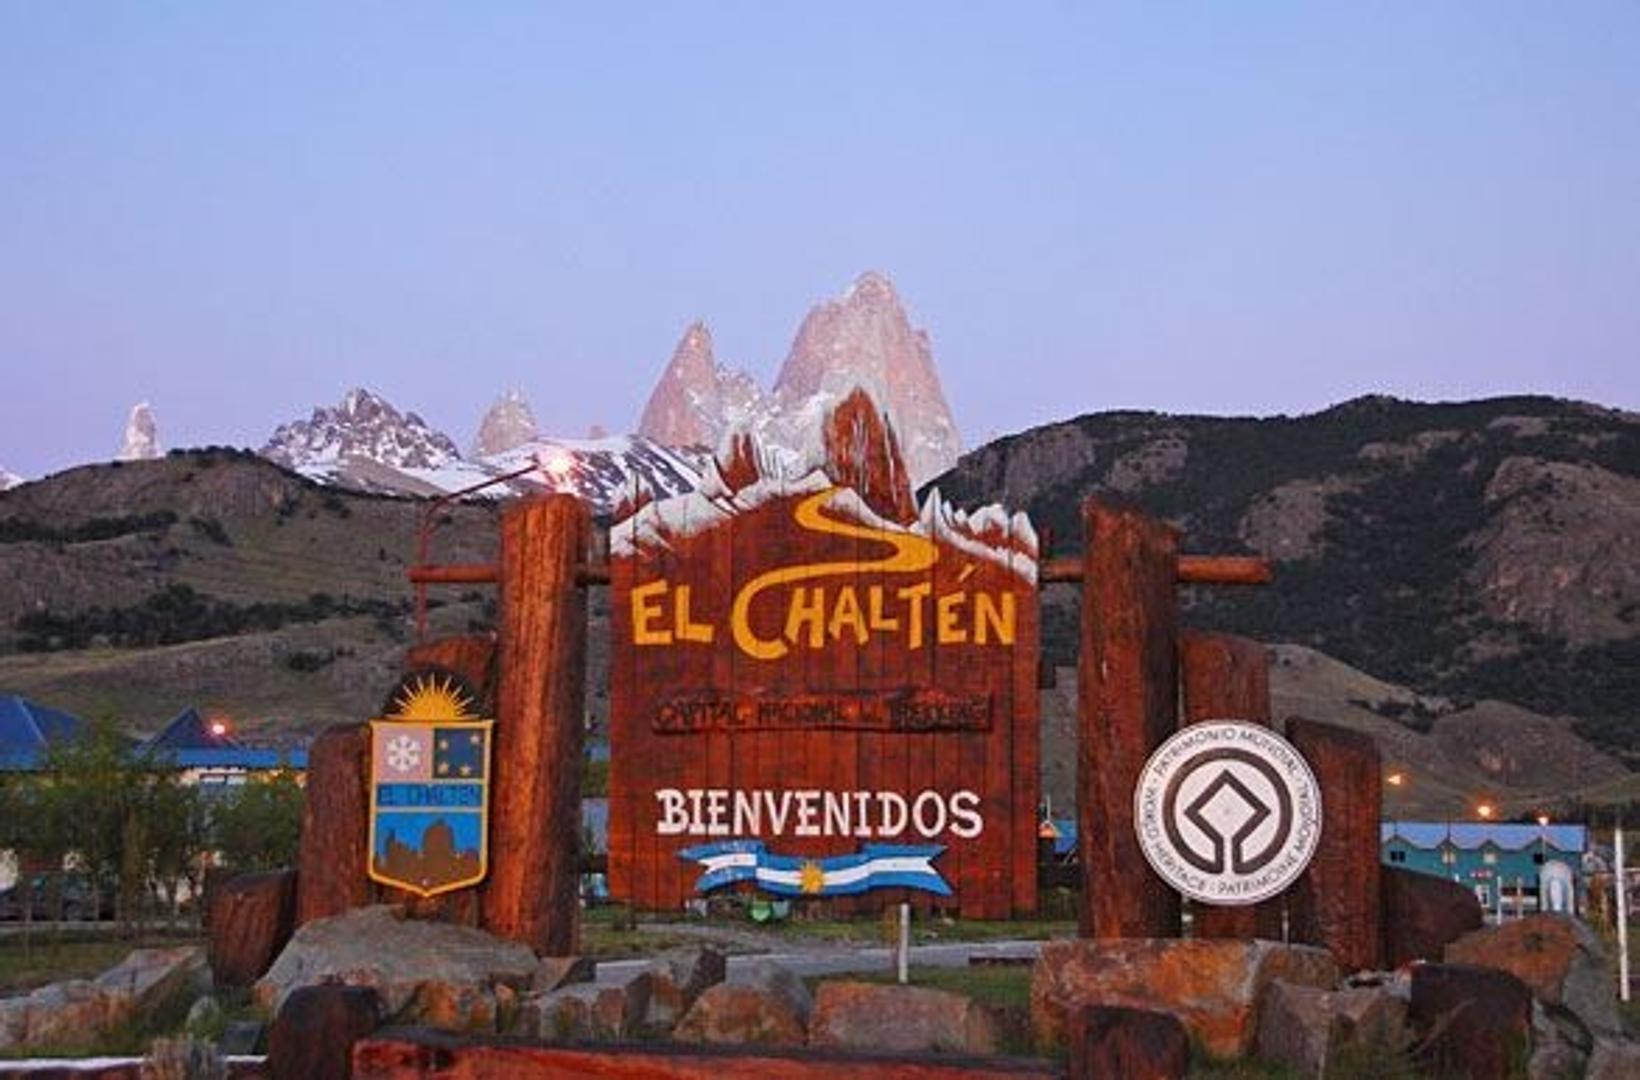 Lote céntrico en El Chalten con vista al cerro Fitz Roy, ideal emprendimiento comercial